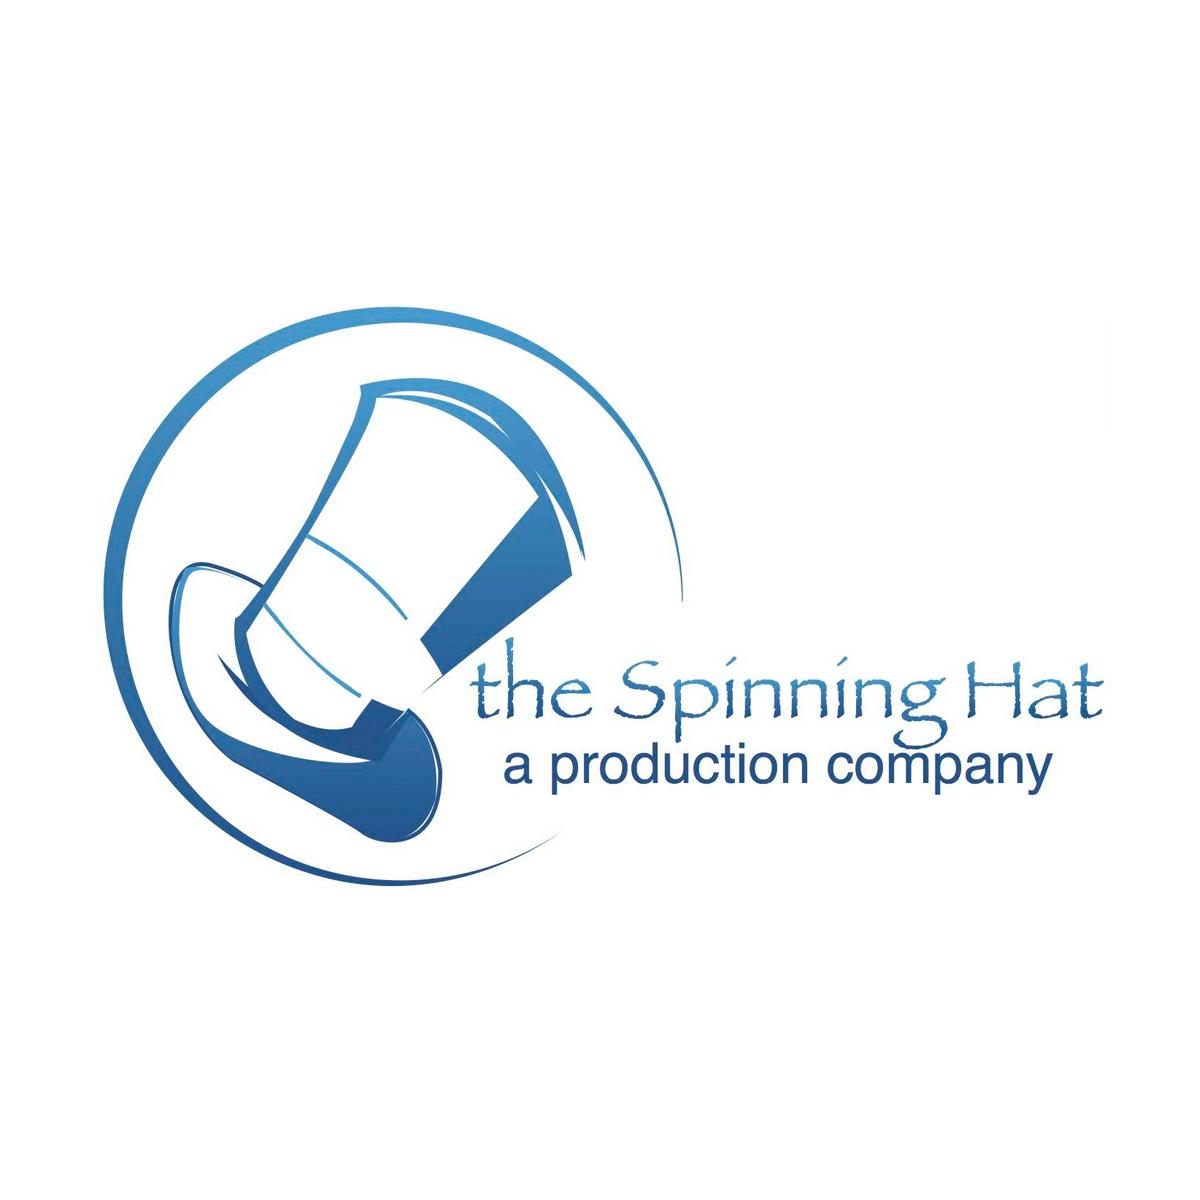 web_spinning-hat-logo-acuff.jpg